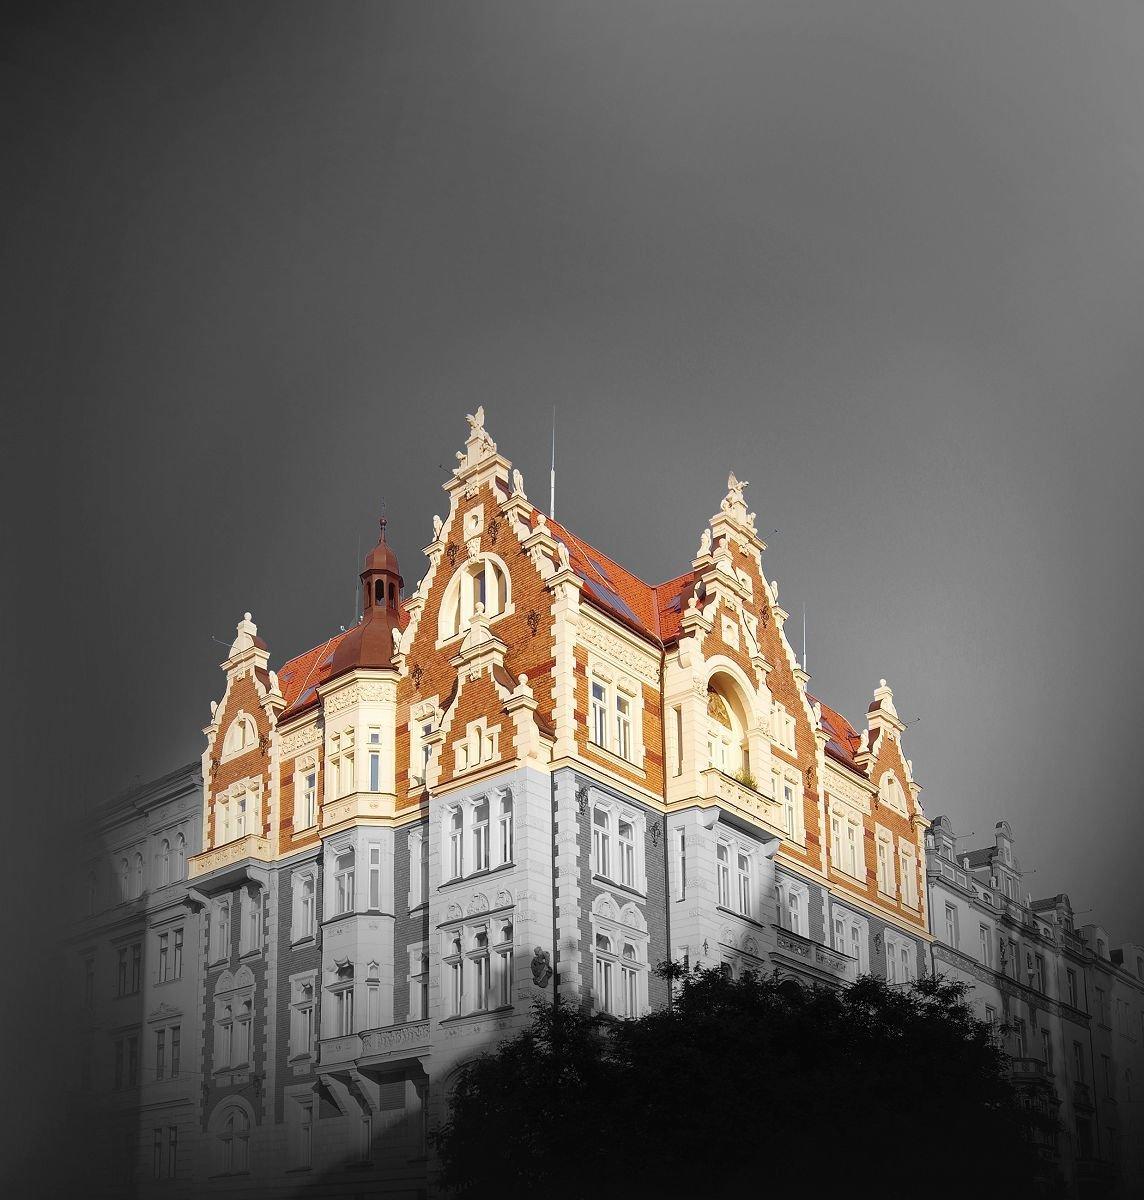 Nejdražší byt v Česku